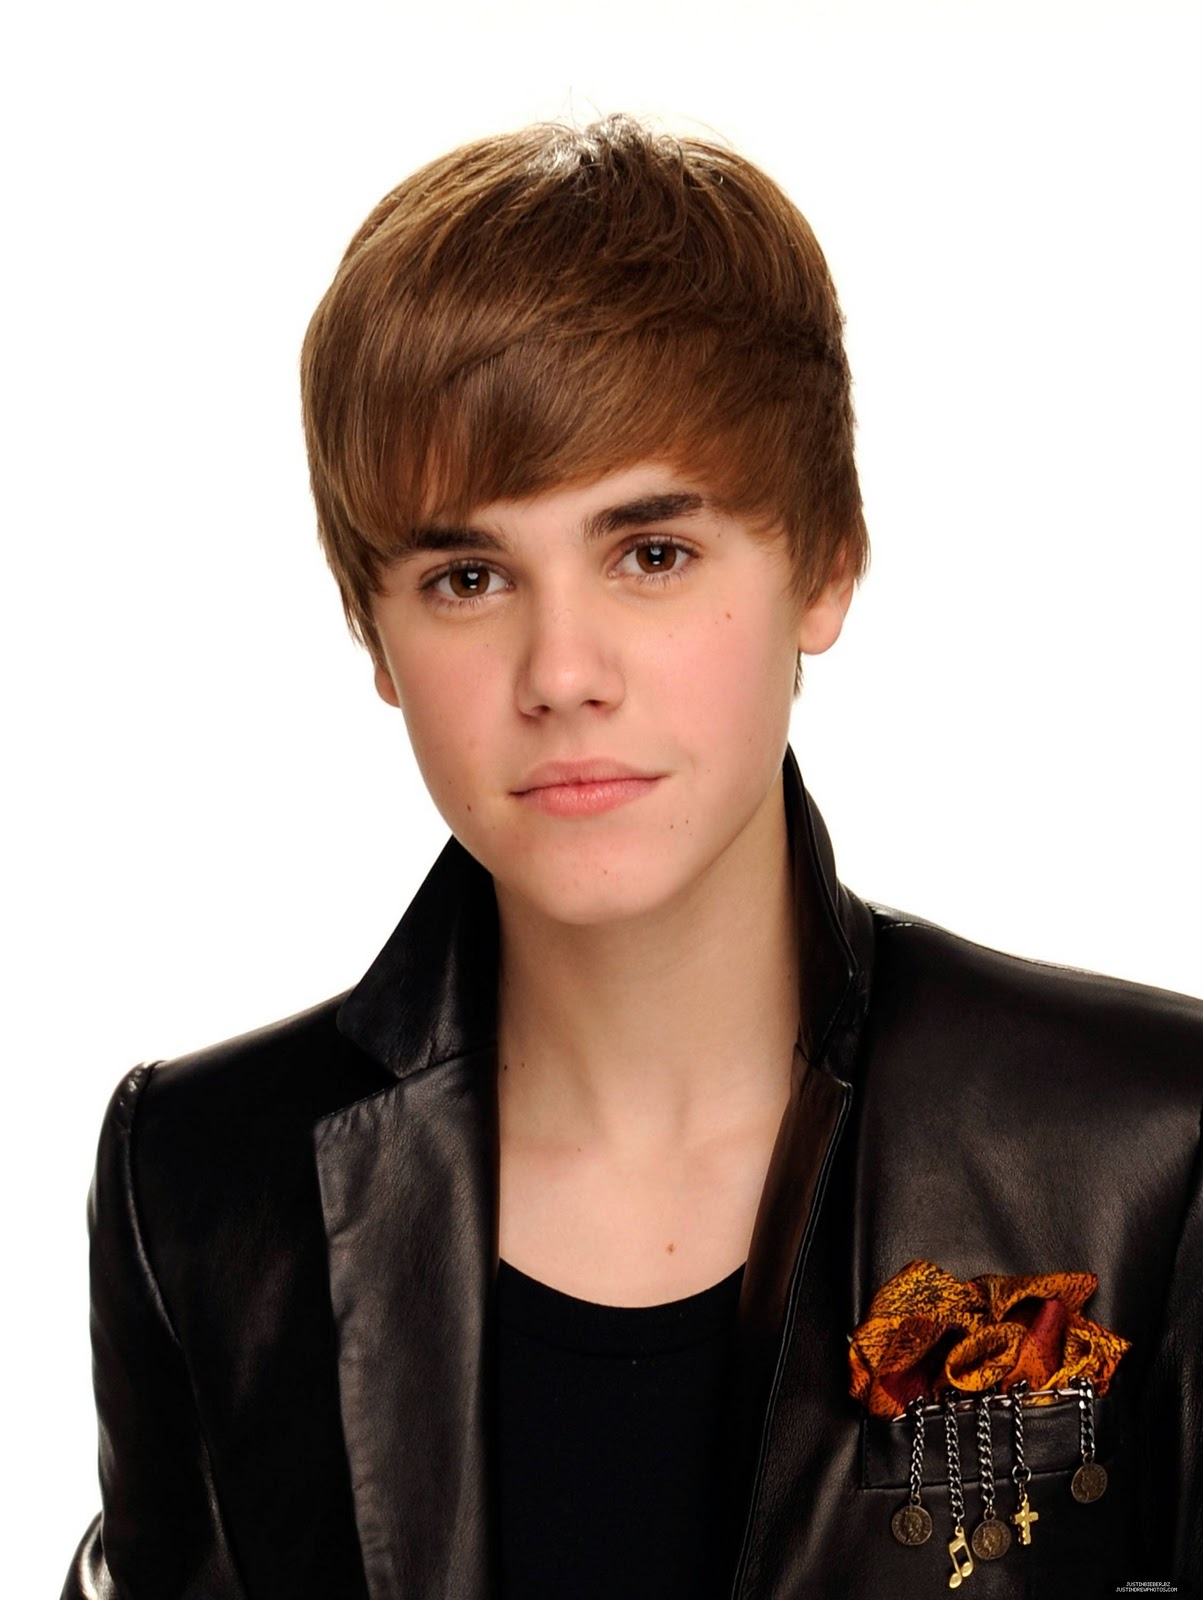 justin bieber 2011 haircut